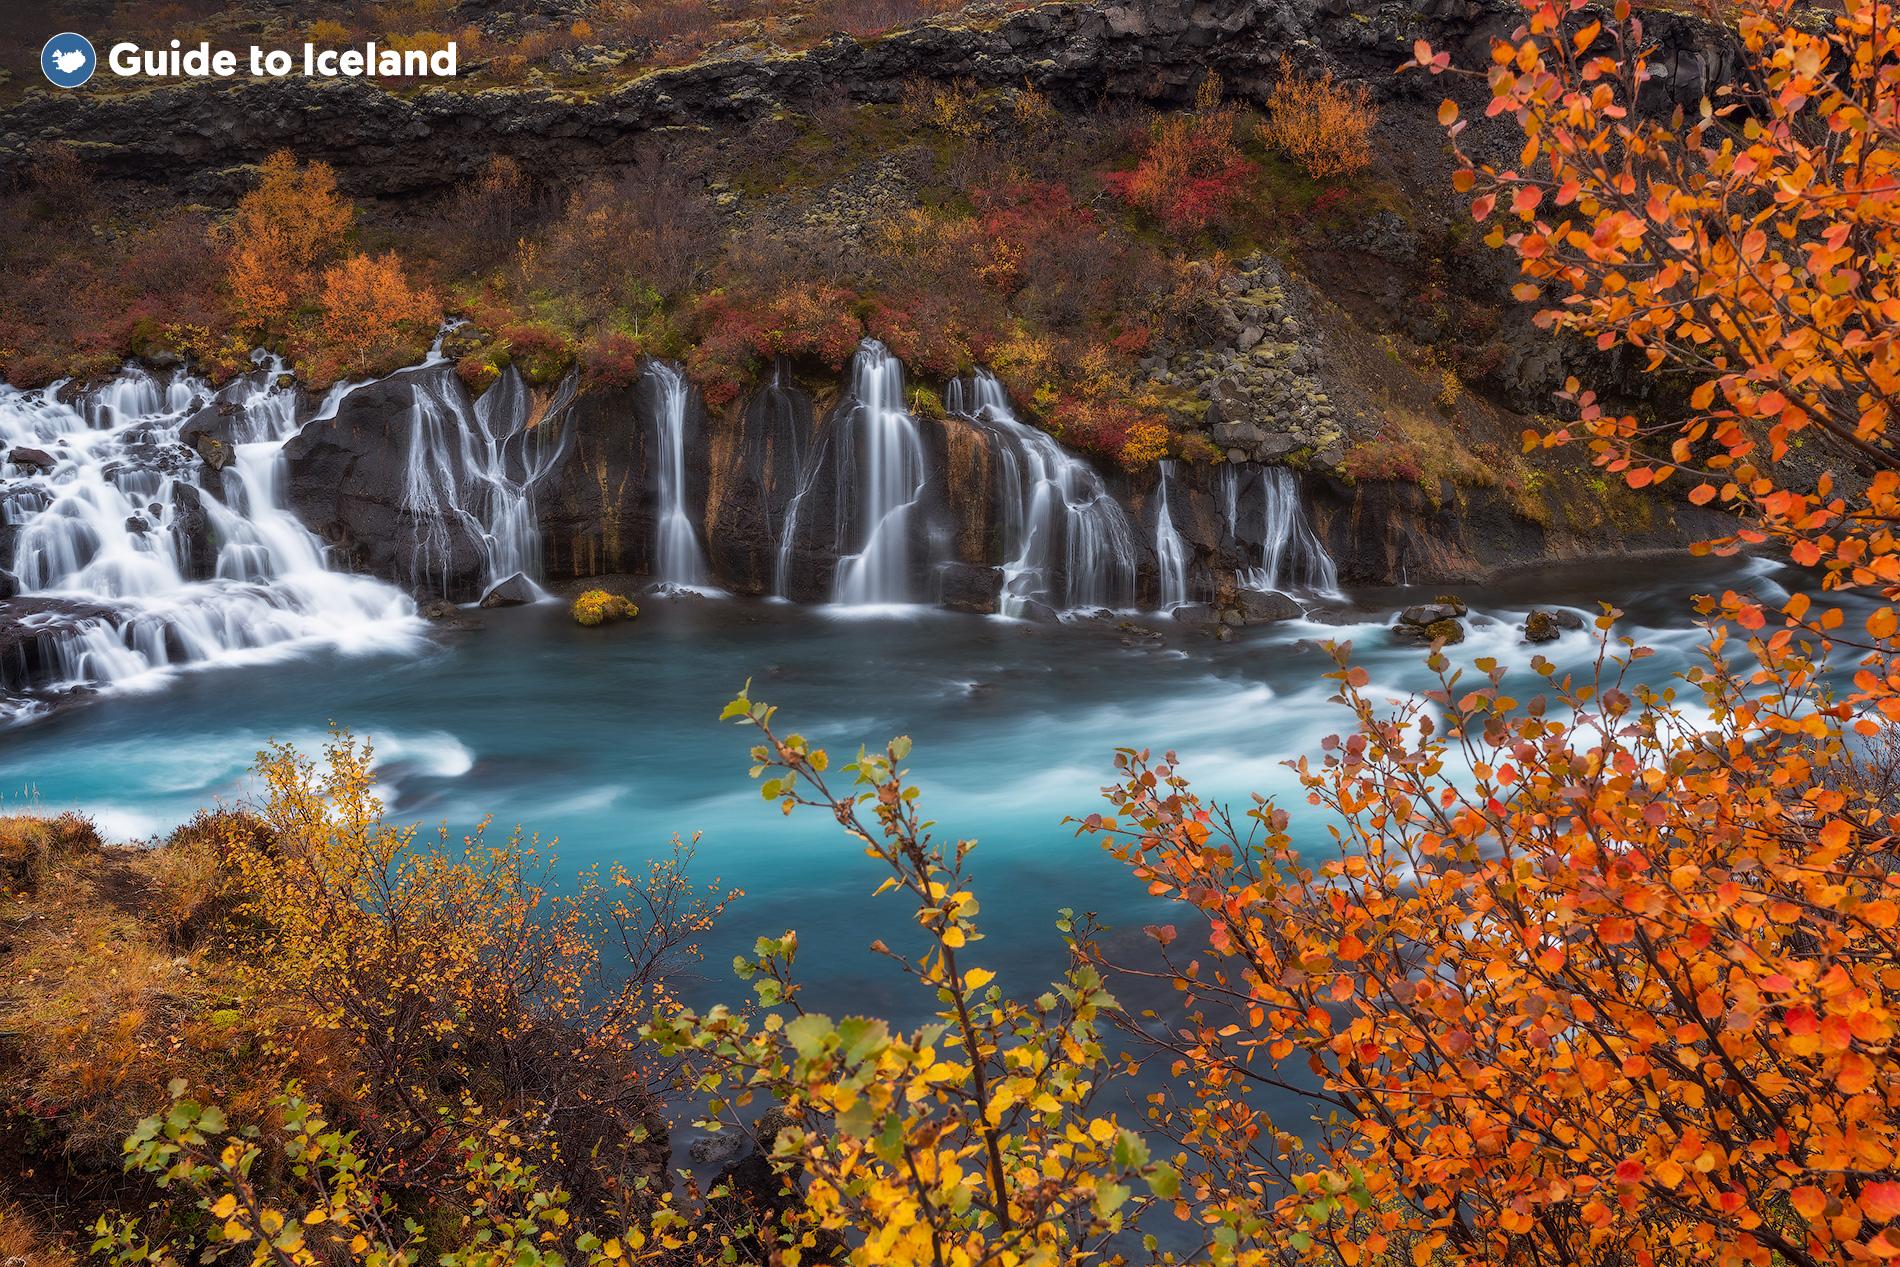 冰岛西部美丽的熔岩瀑布山泉叮咚,别有自然的旖旎情趣